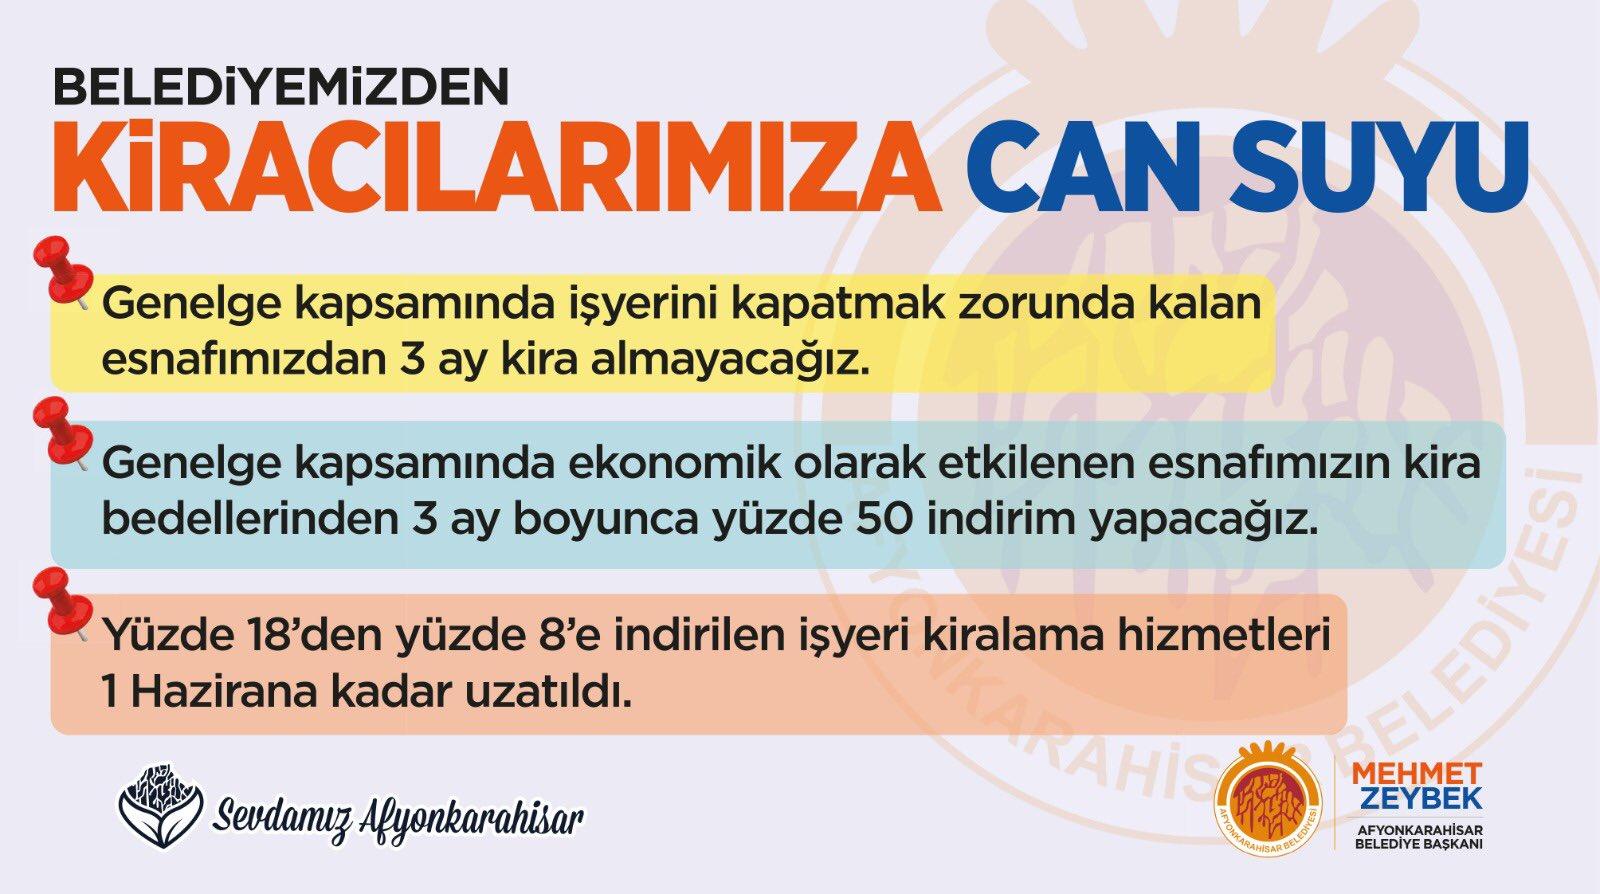 Zeybek'ten belediye kiracılarına müjde!..